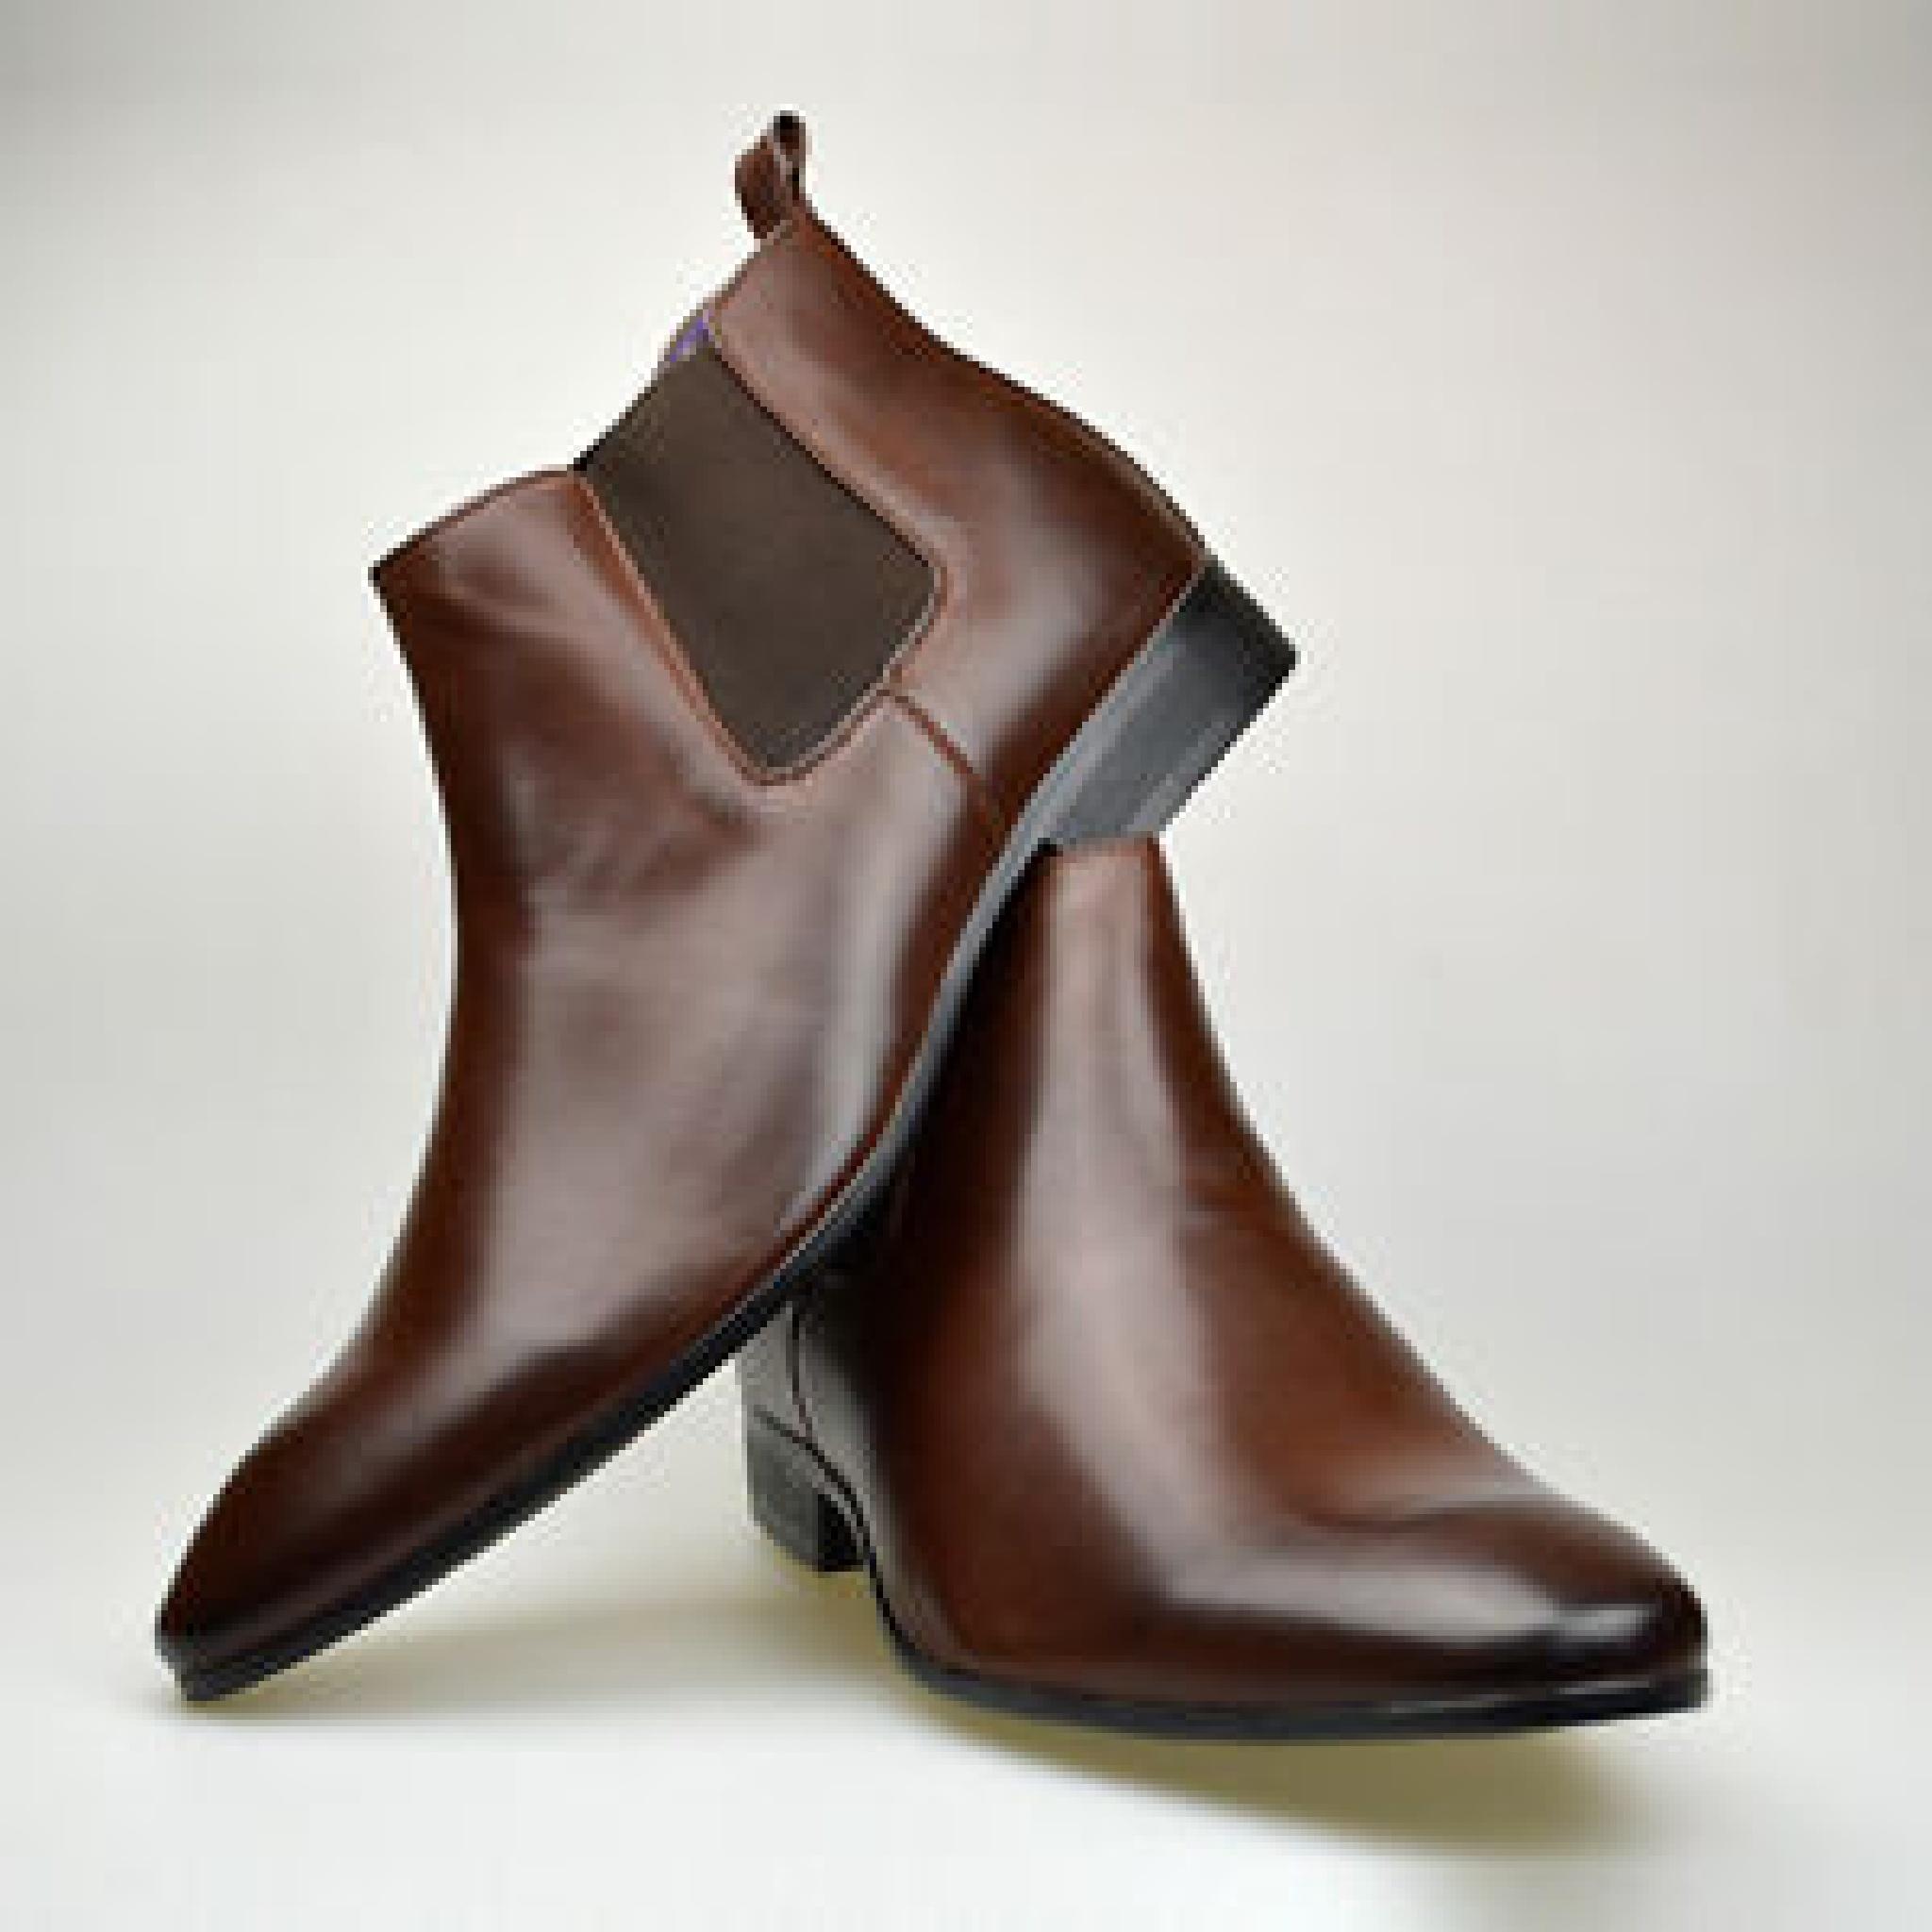 Topshoetrends.com Luxury Designer Footwear by Topshoetrends